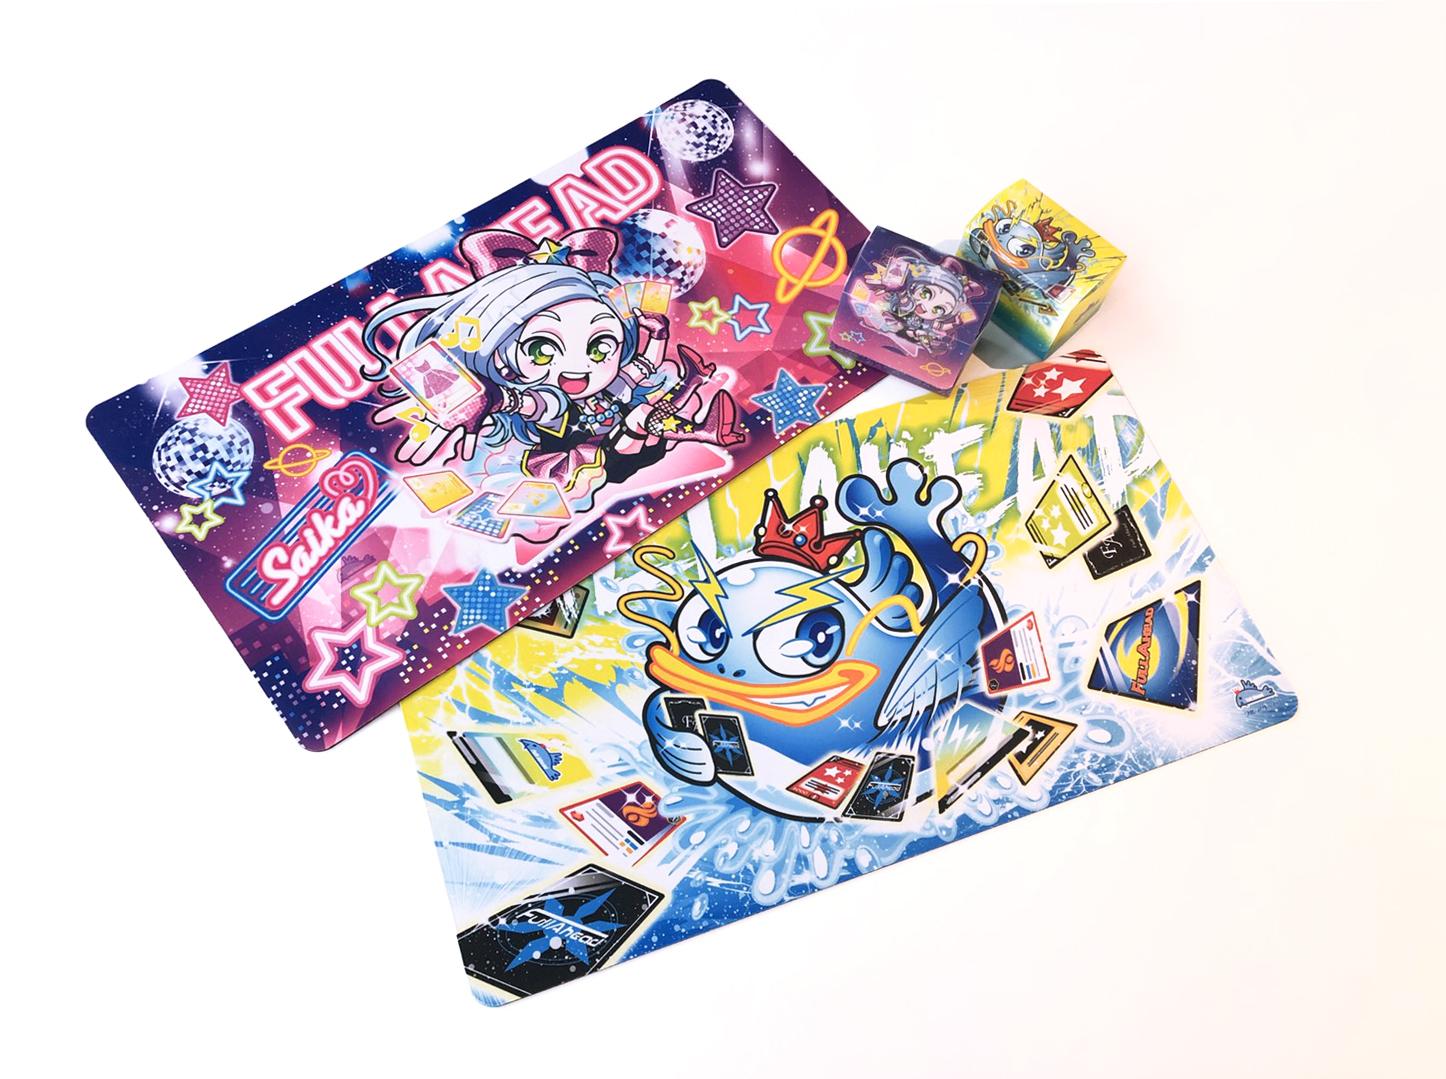 フルアヘッド様 オリジナル カードゲームプレイマット